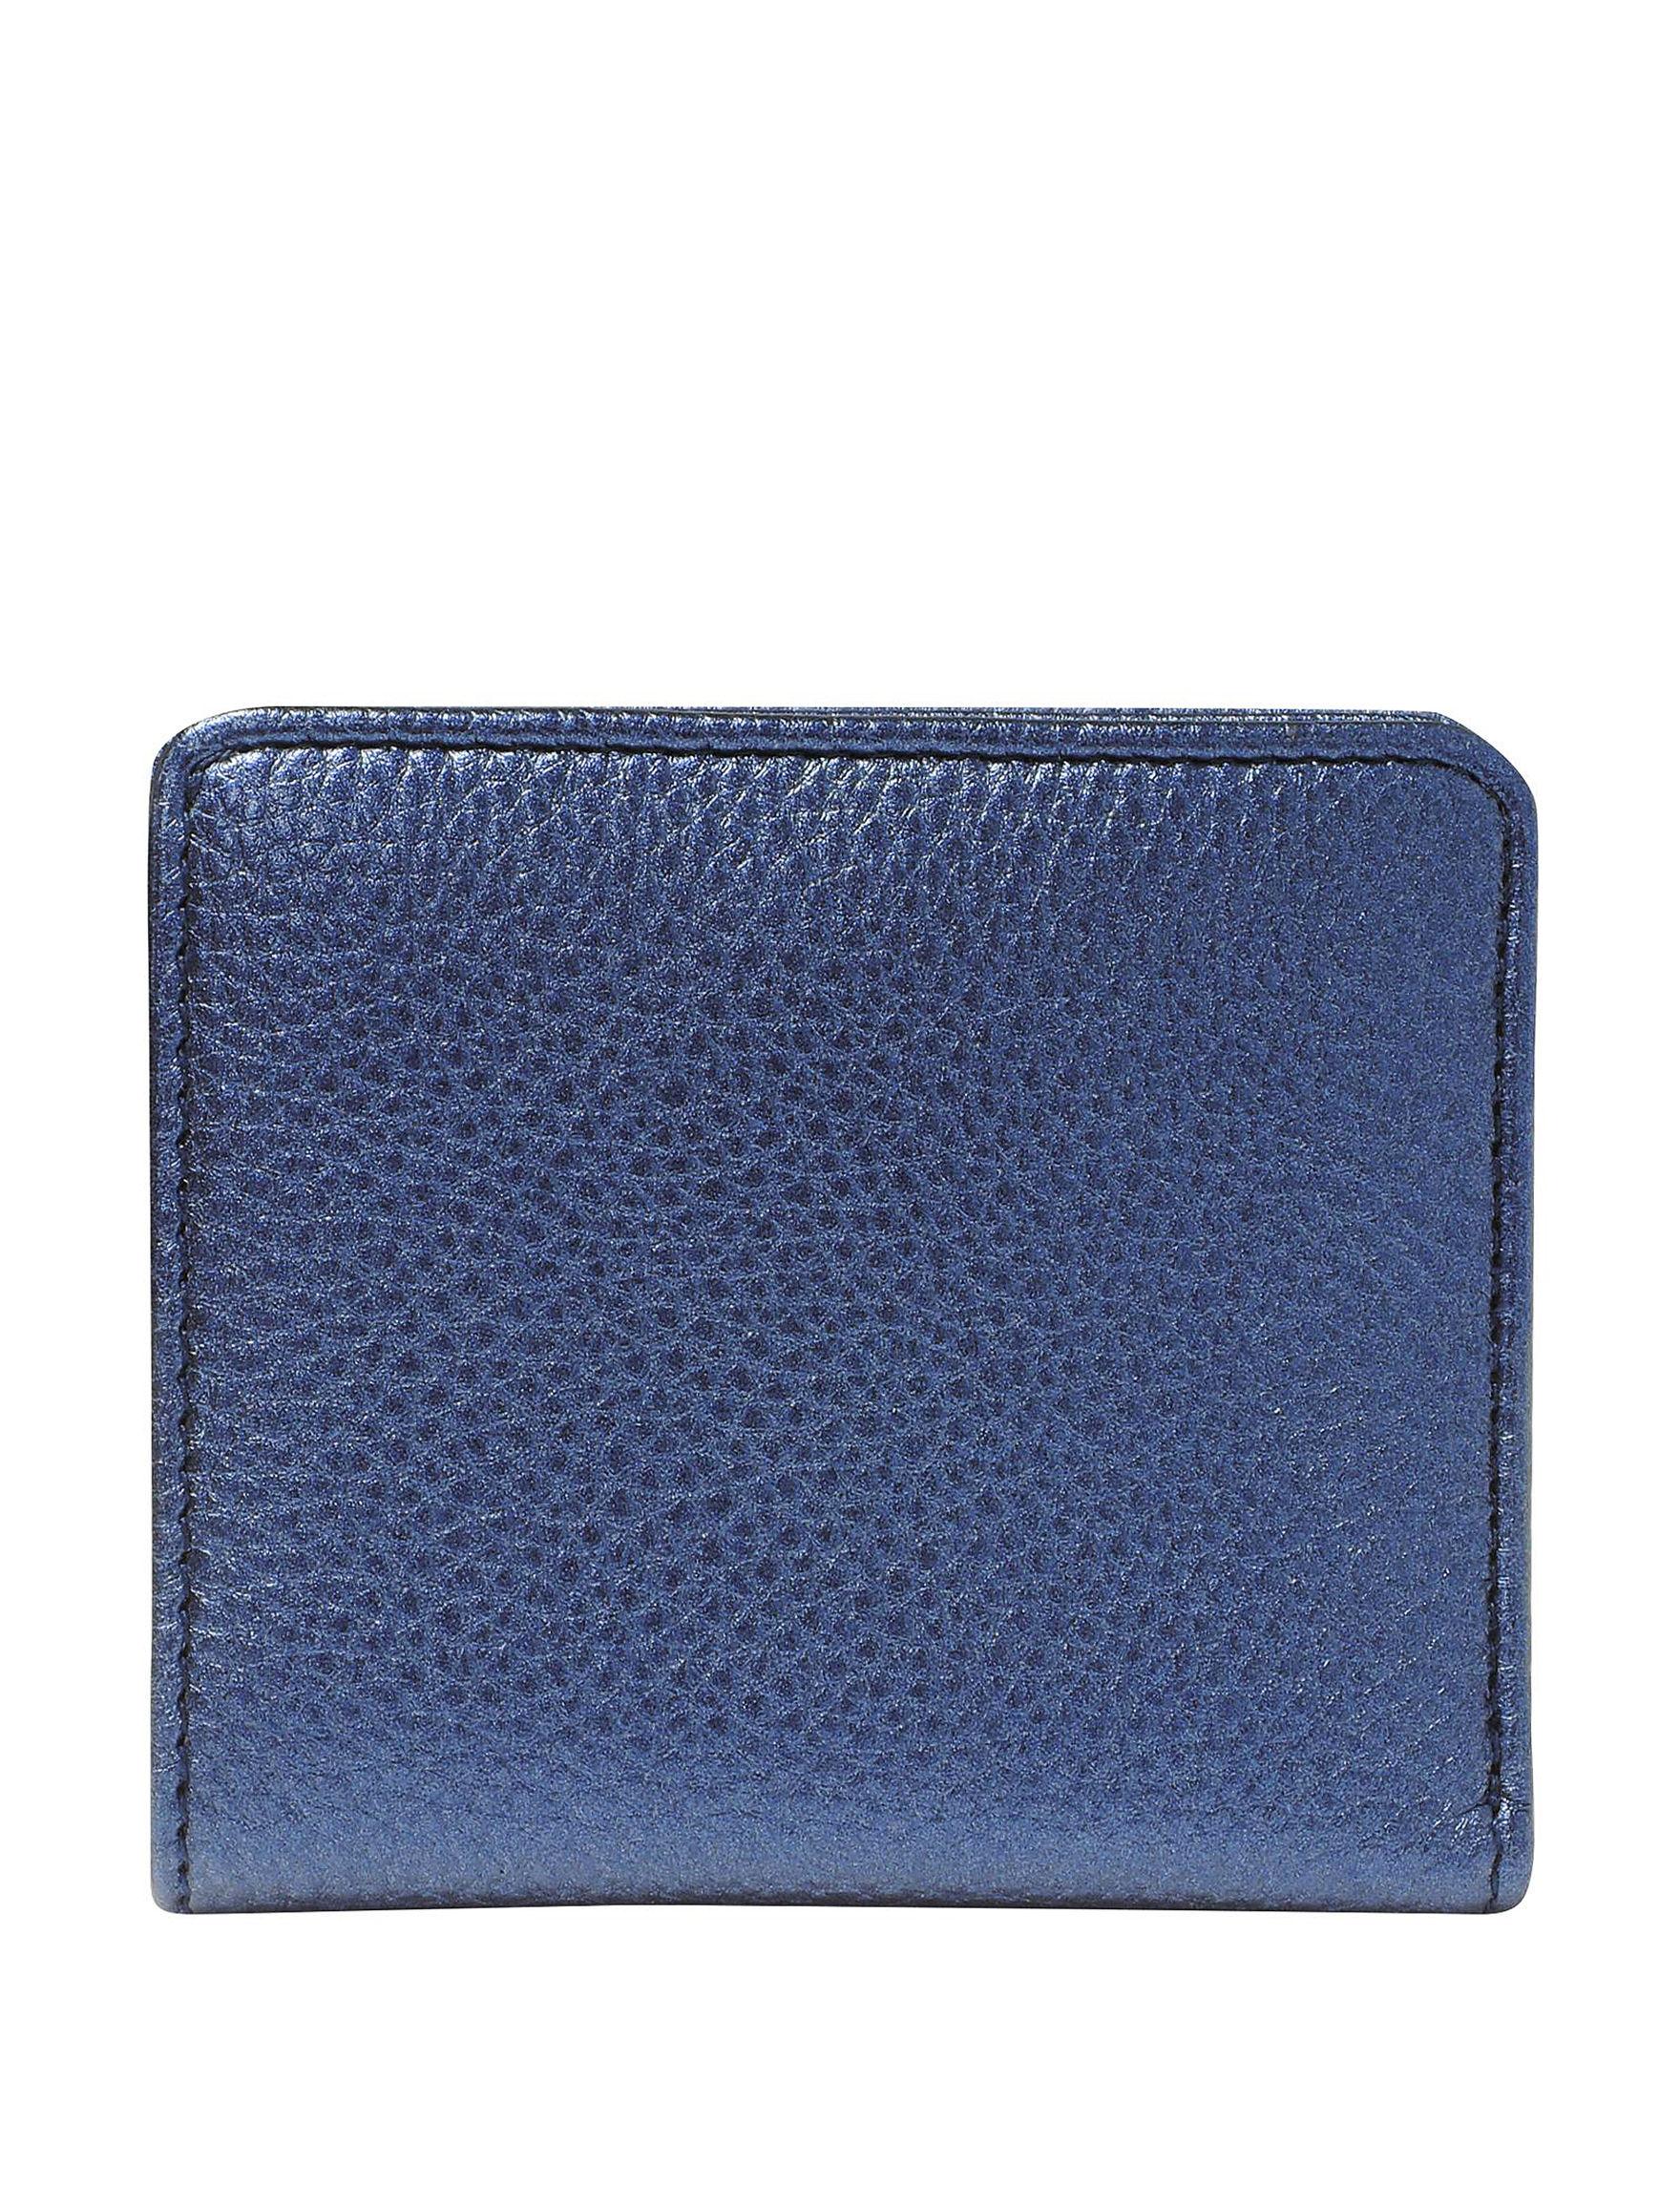 Buxton Metallic Blue